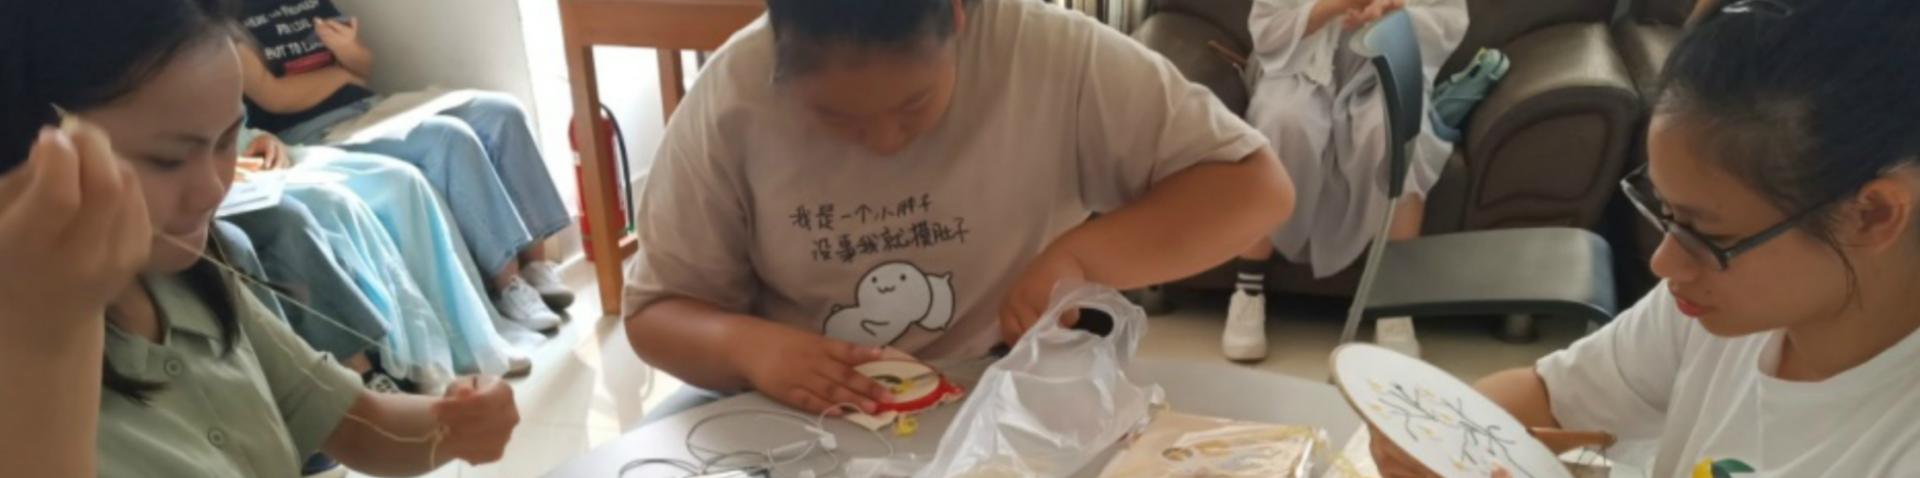 爱在重阳,以菊传情——指尖上的中华传统文化手工DIY系列活动